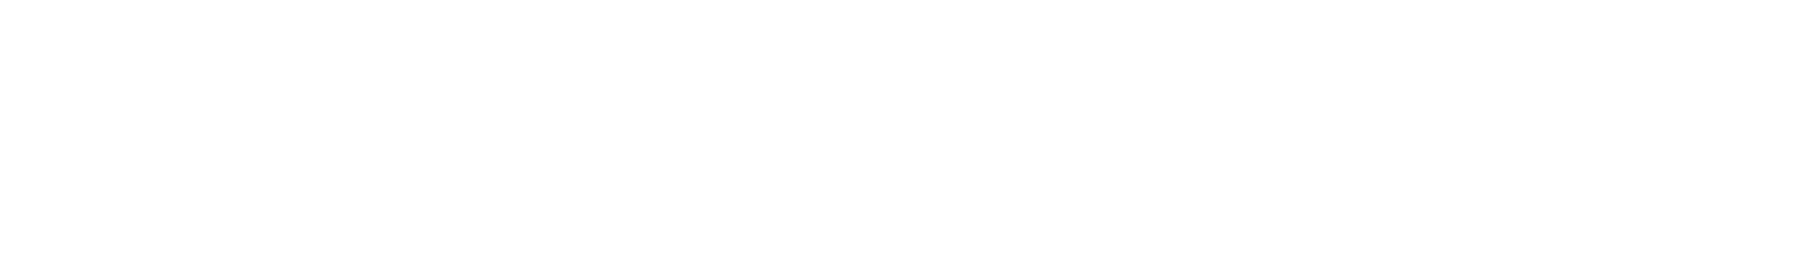 vedh bass cut 092 b